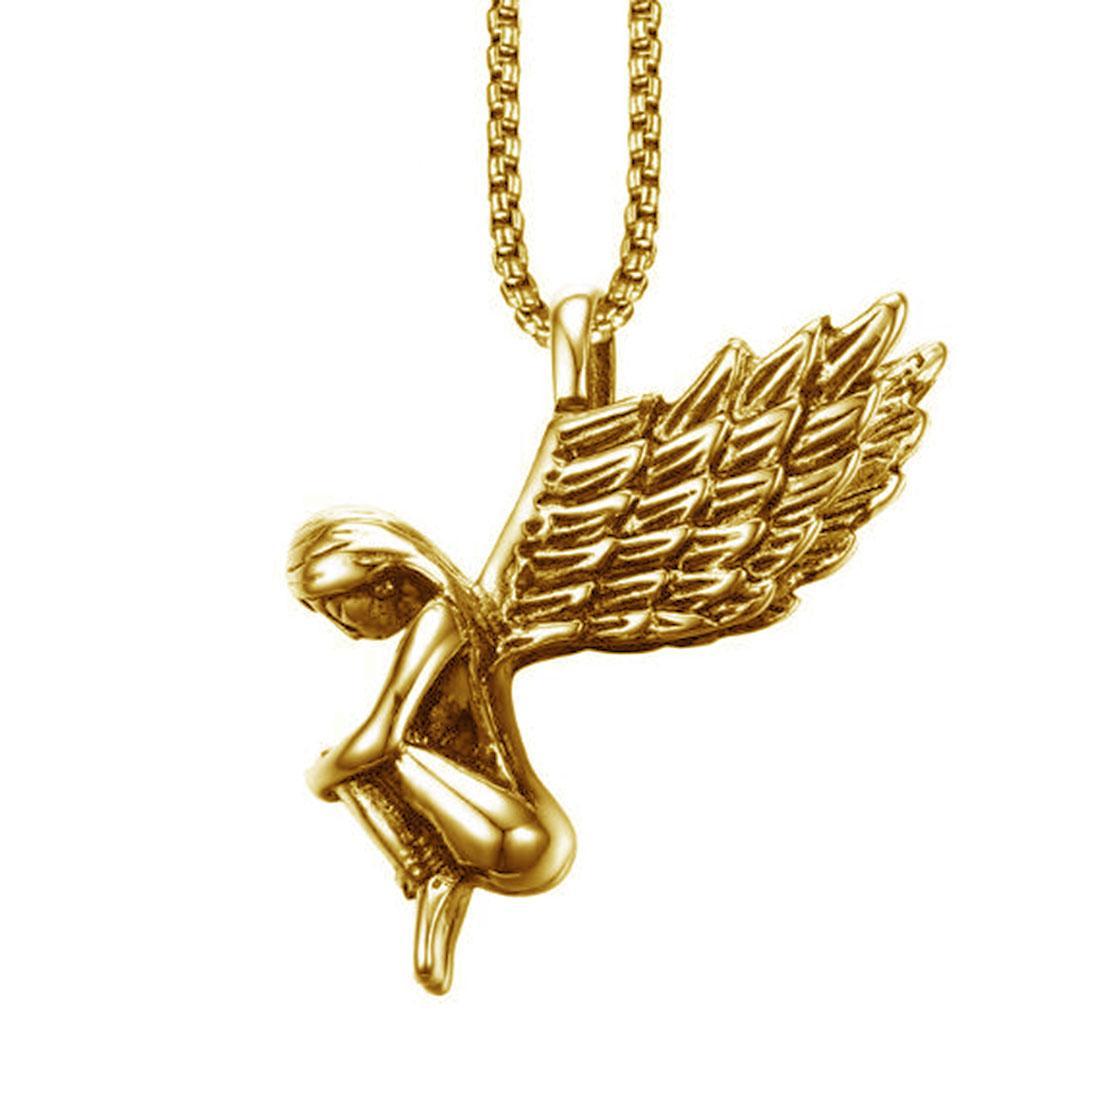 High Polished Womens Angle Wing Chirurgenstahl Anhänger Halskette Geschenk für Mädchen 18 Karat Gold überzogen